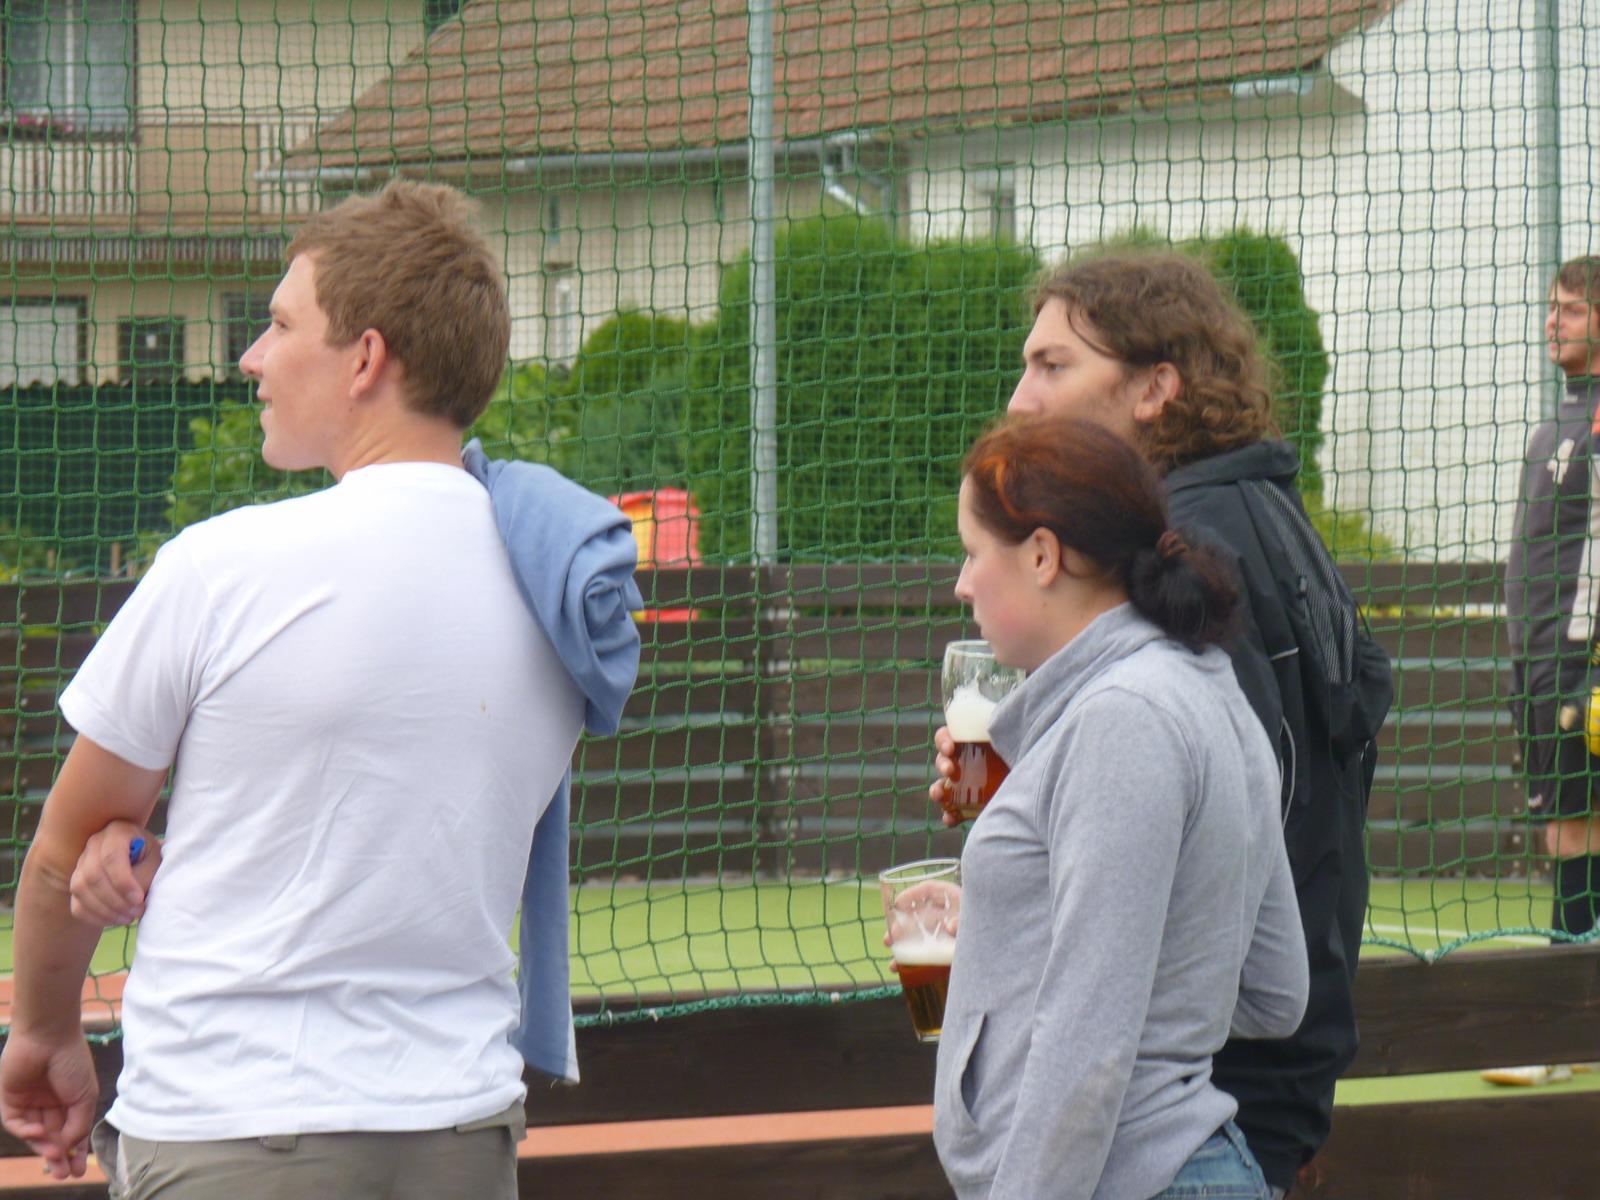 24.07.2010 - O pohár Pučínky